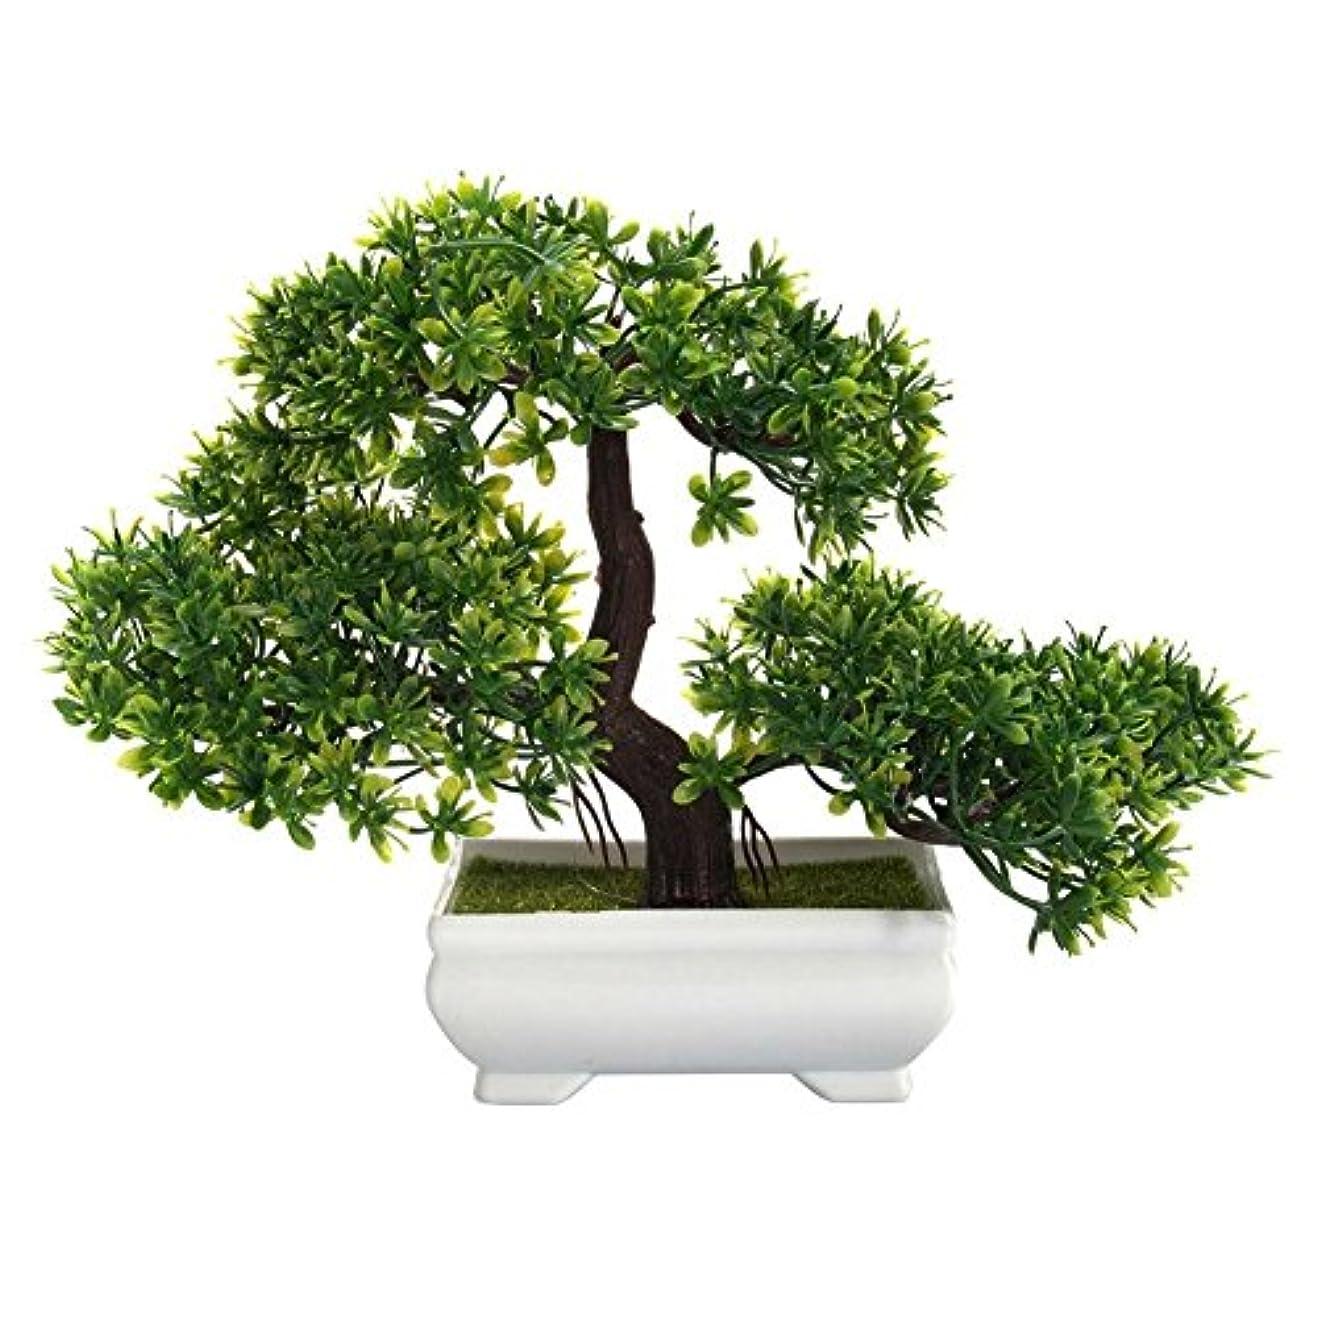 自動化ボイコット宣言Jicorzo - ミニクリエイティブ盆栽人工植物装飾オフィスホーム用はありませんじょうろ鉢植えを色あせません